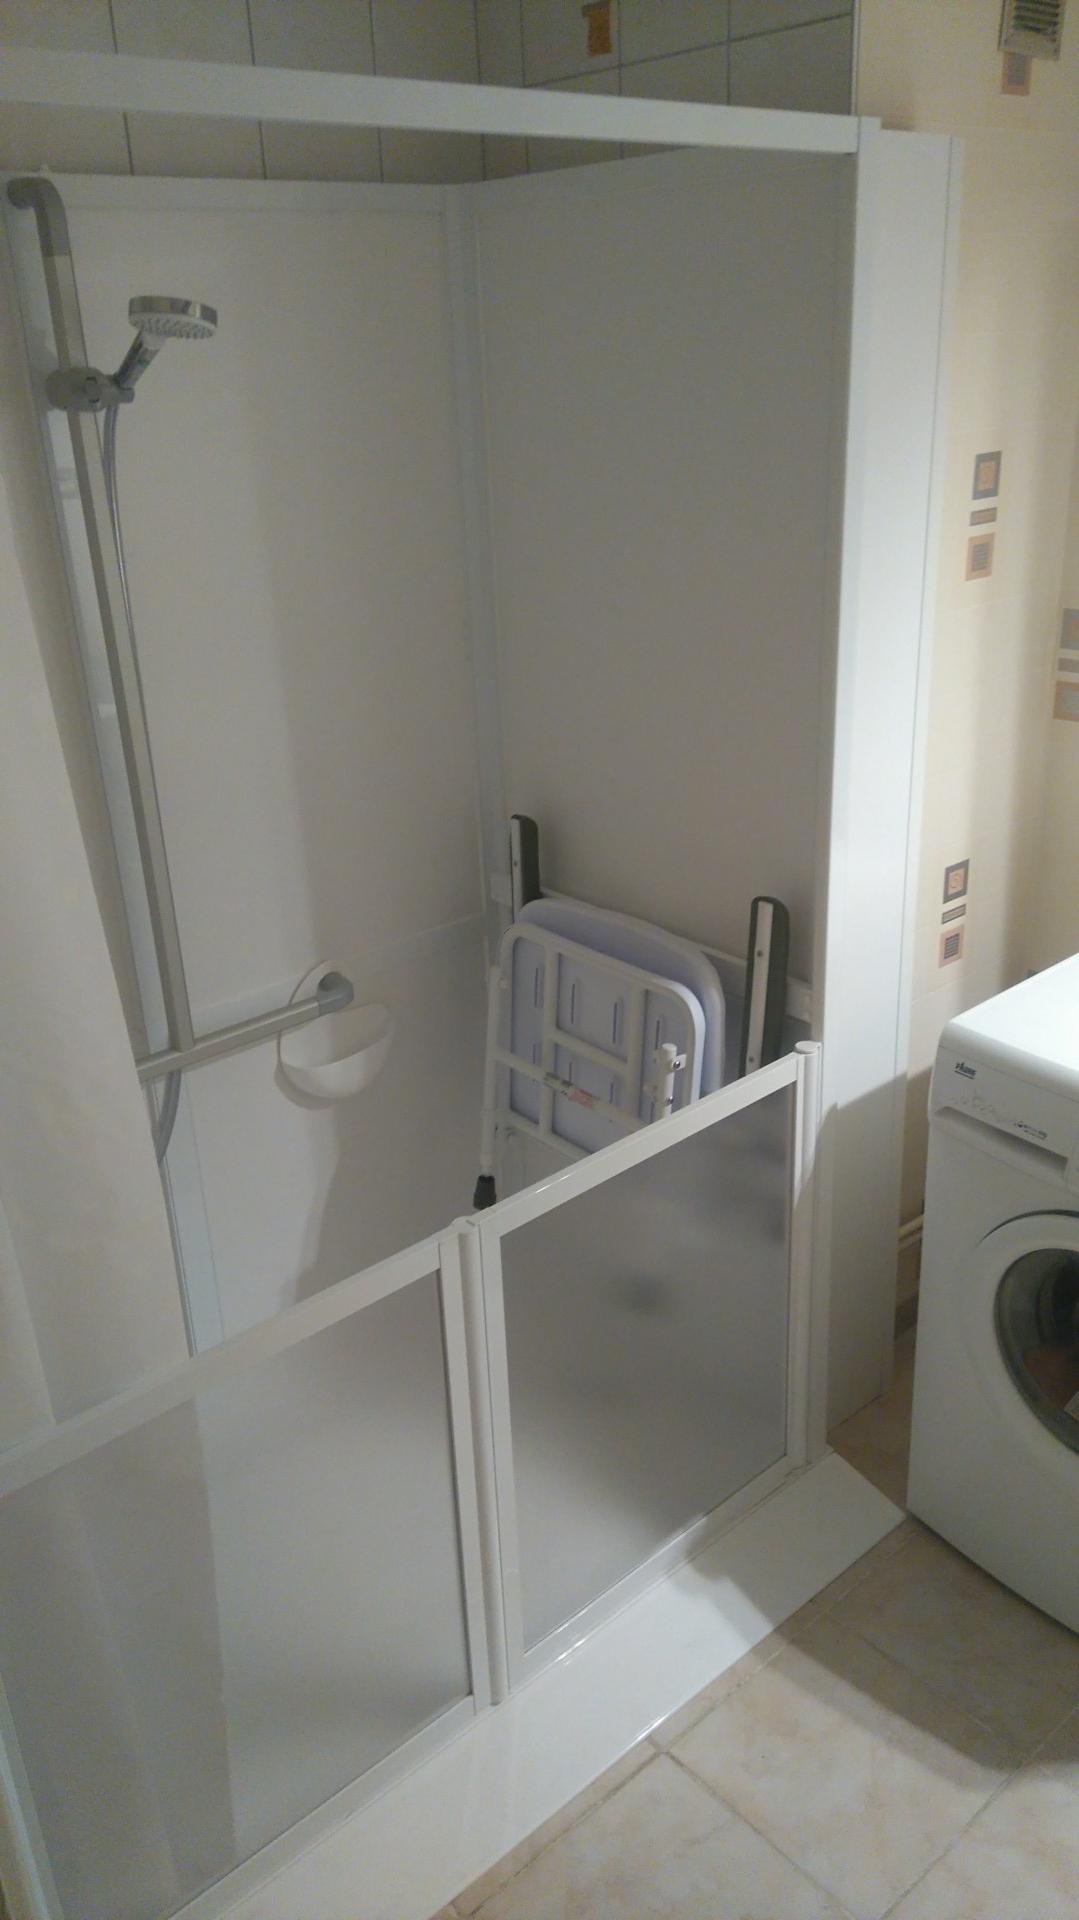 Installation d'une cabine de douche sécurisée IDHRA.